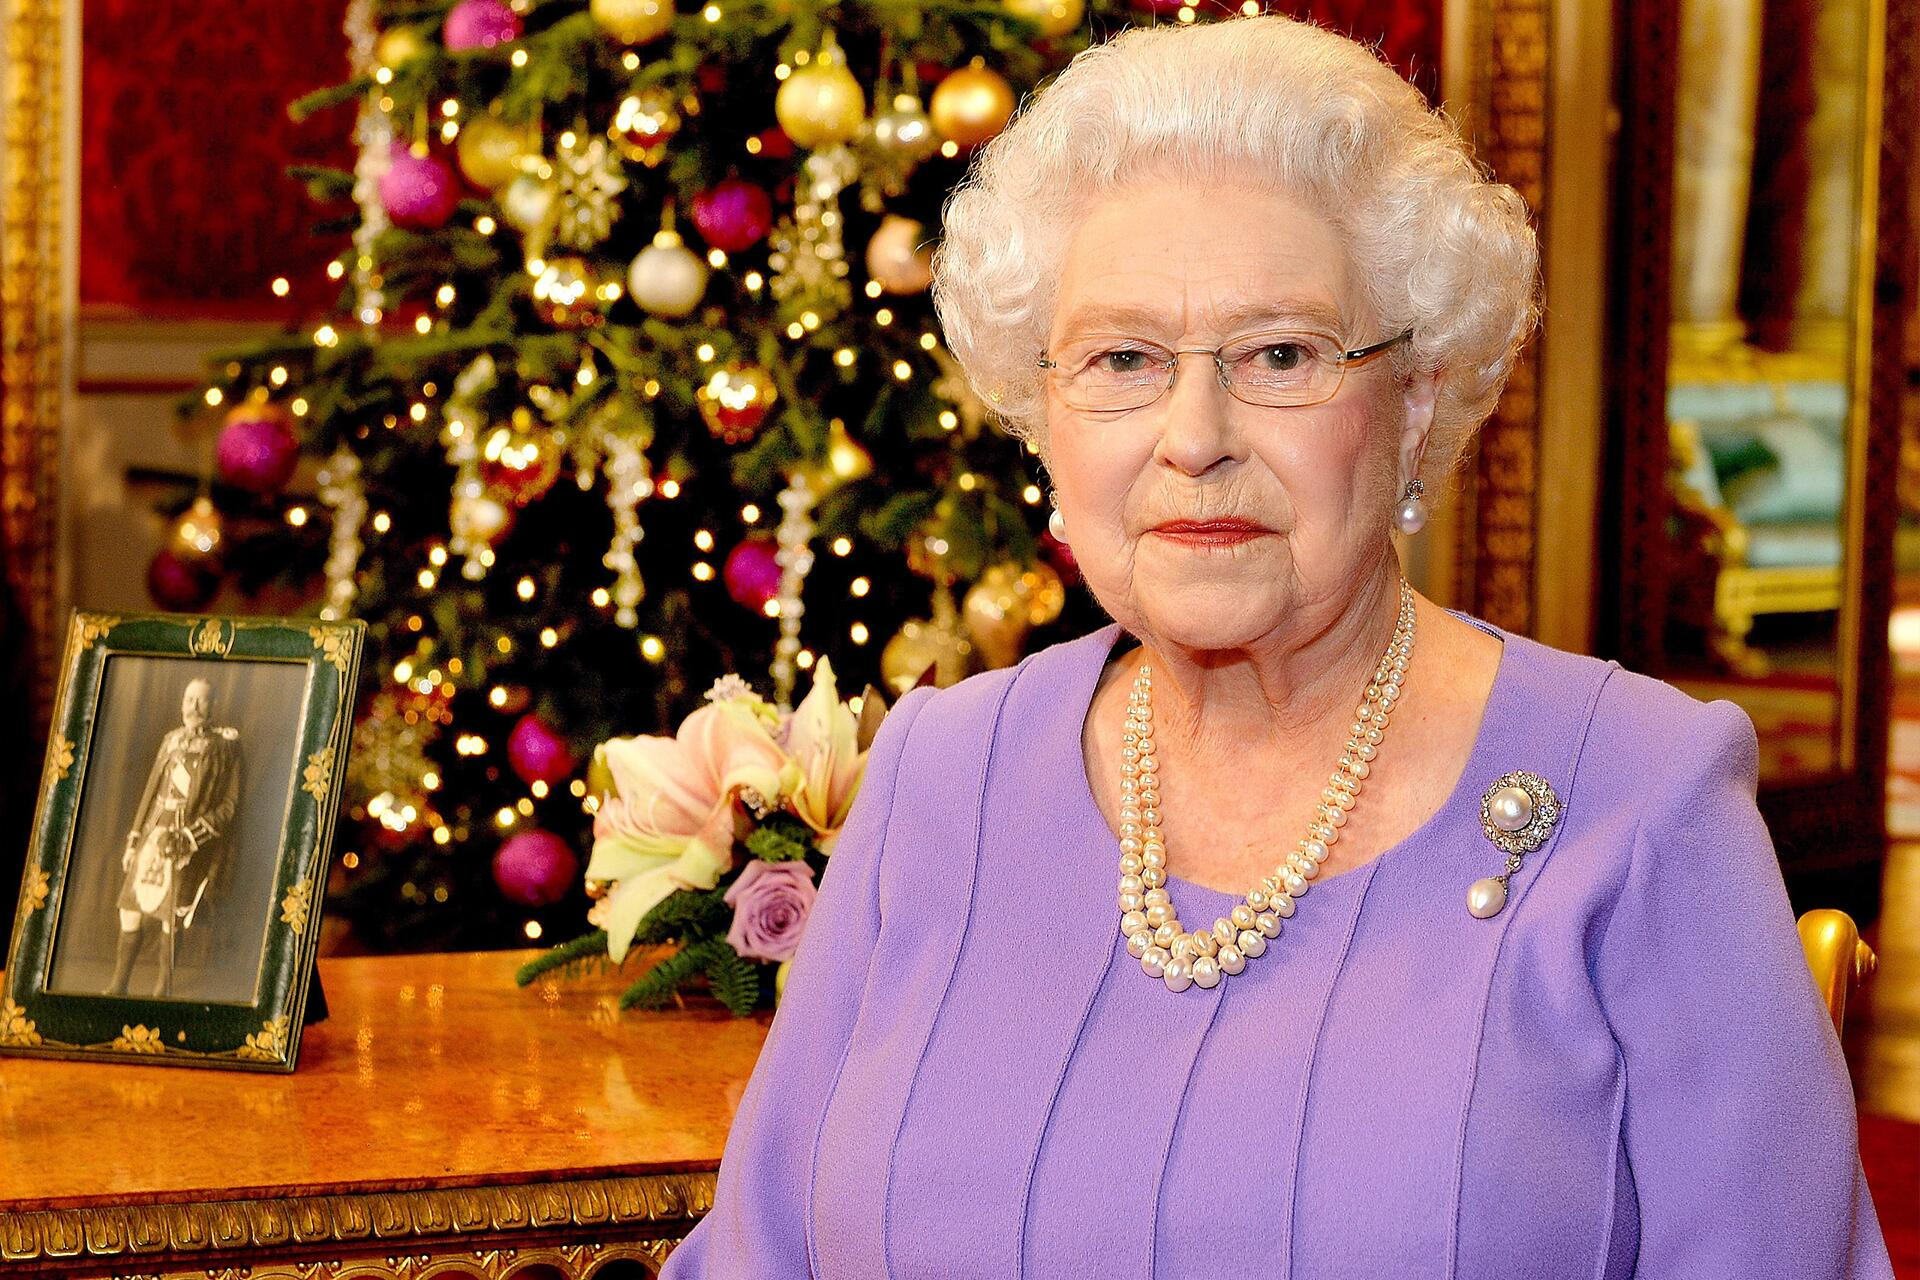 Weihnachten Tradition Überraschende weihnachts-traditionen der britischen royals | web.de